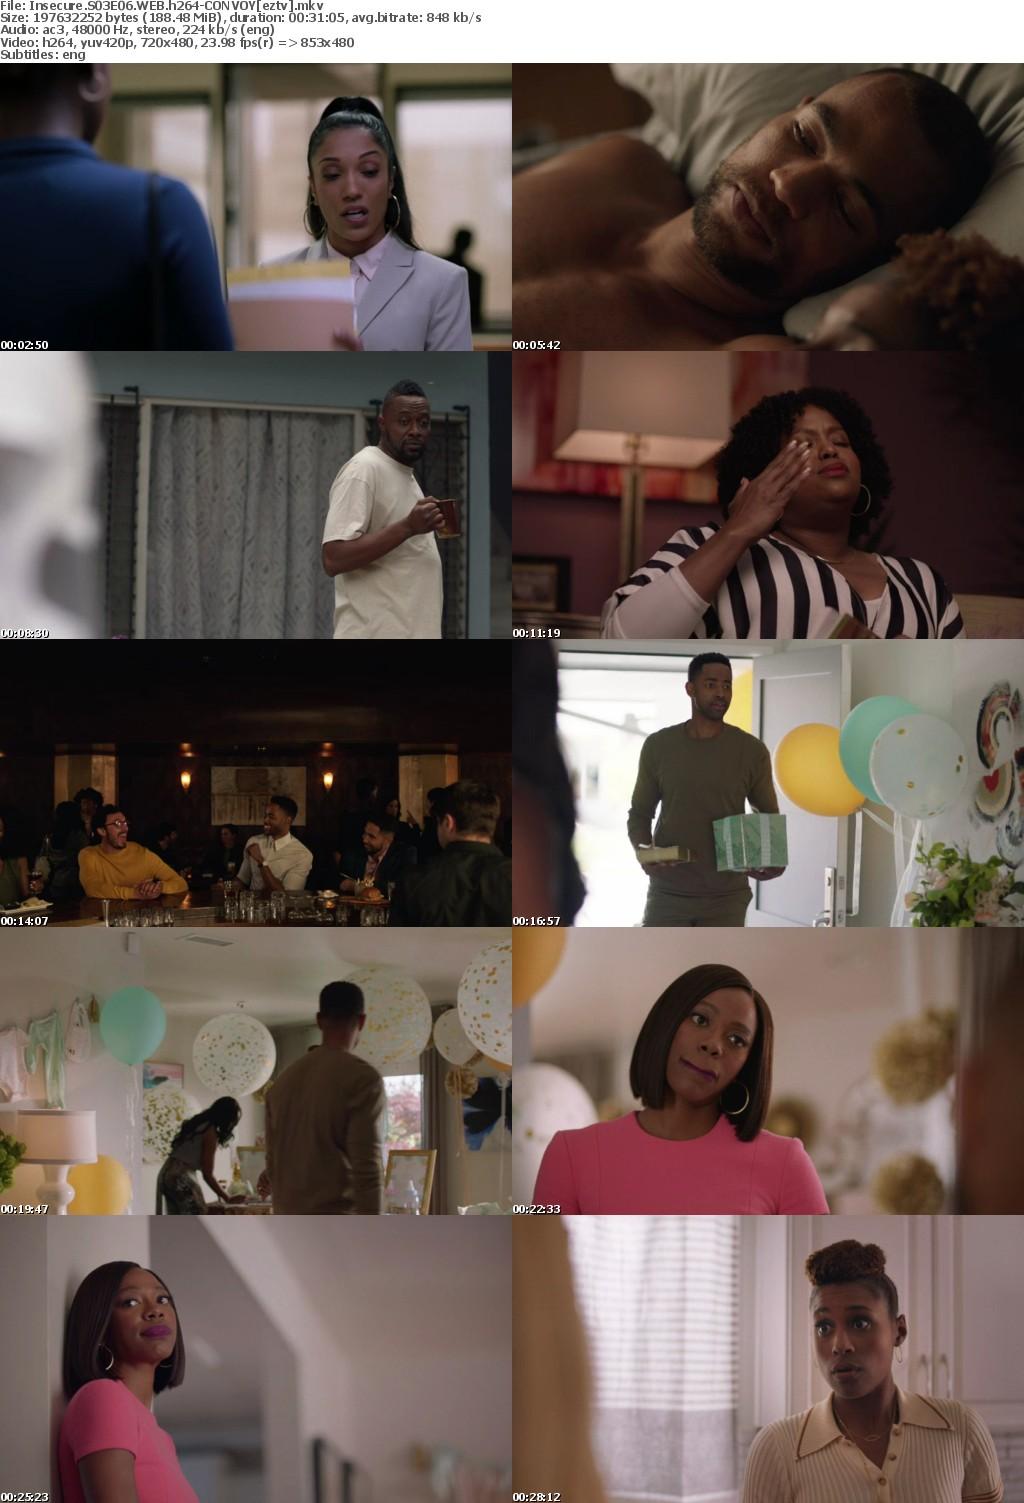 Insecure S03E06 WEB h264-CONVOY